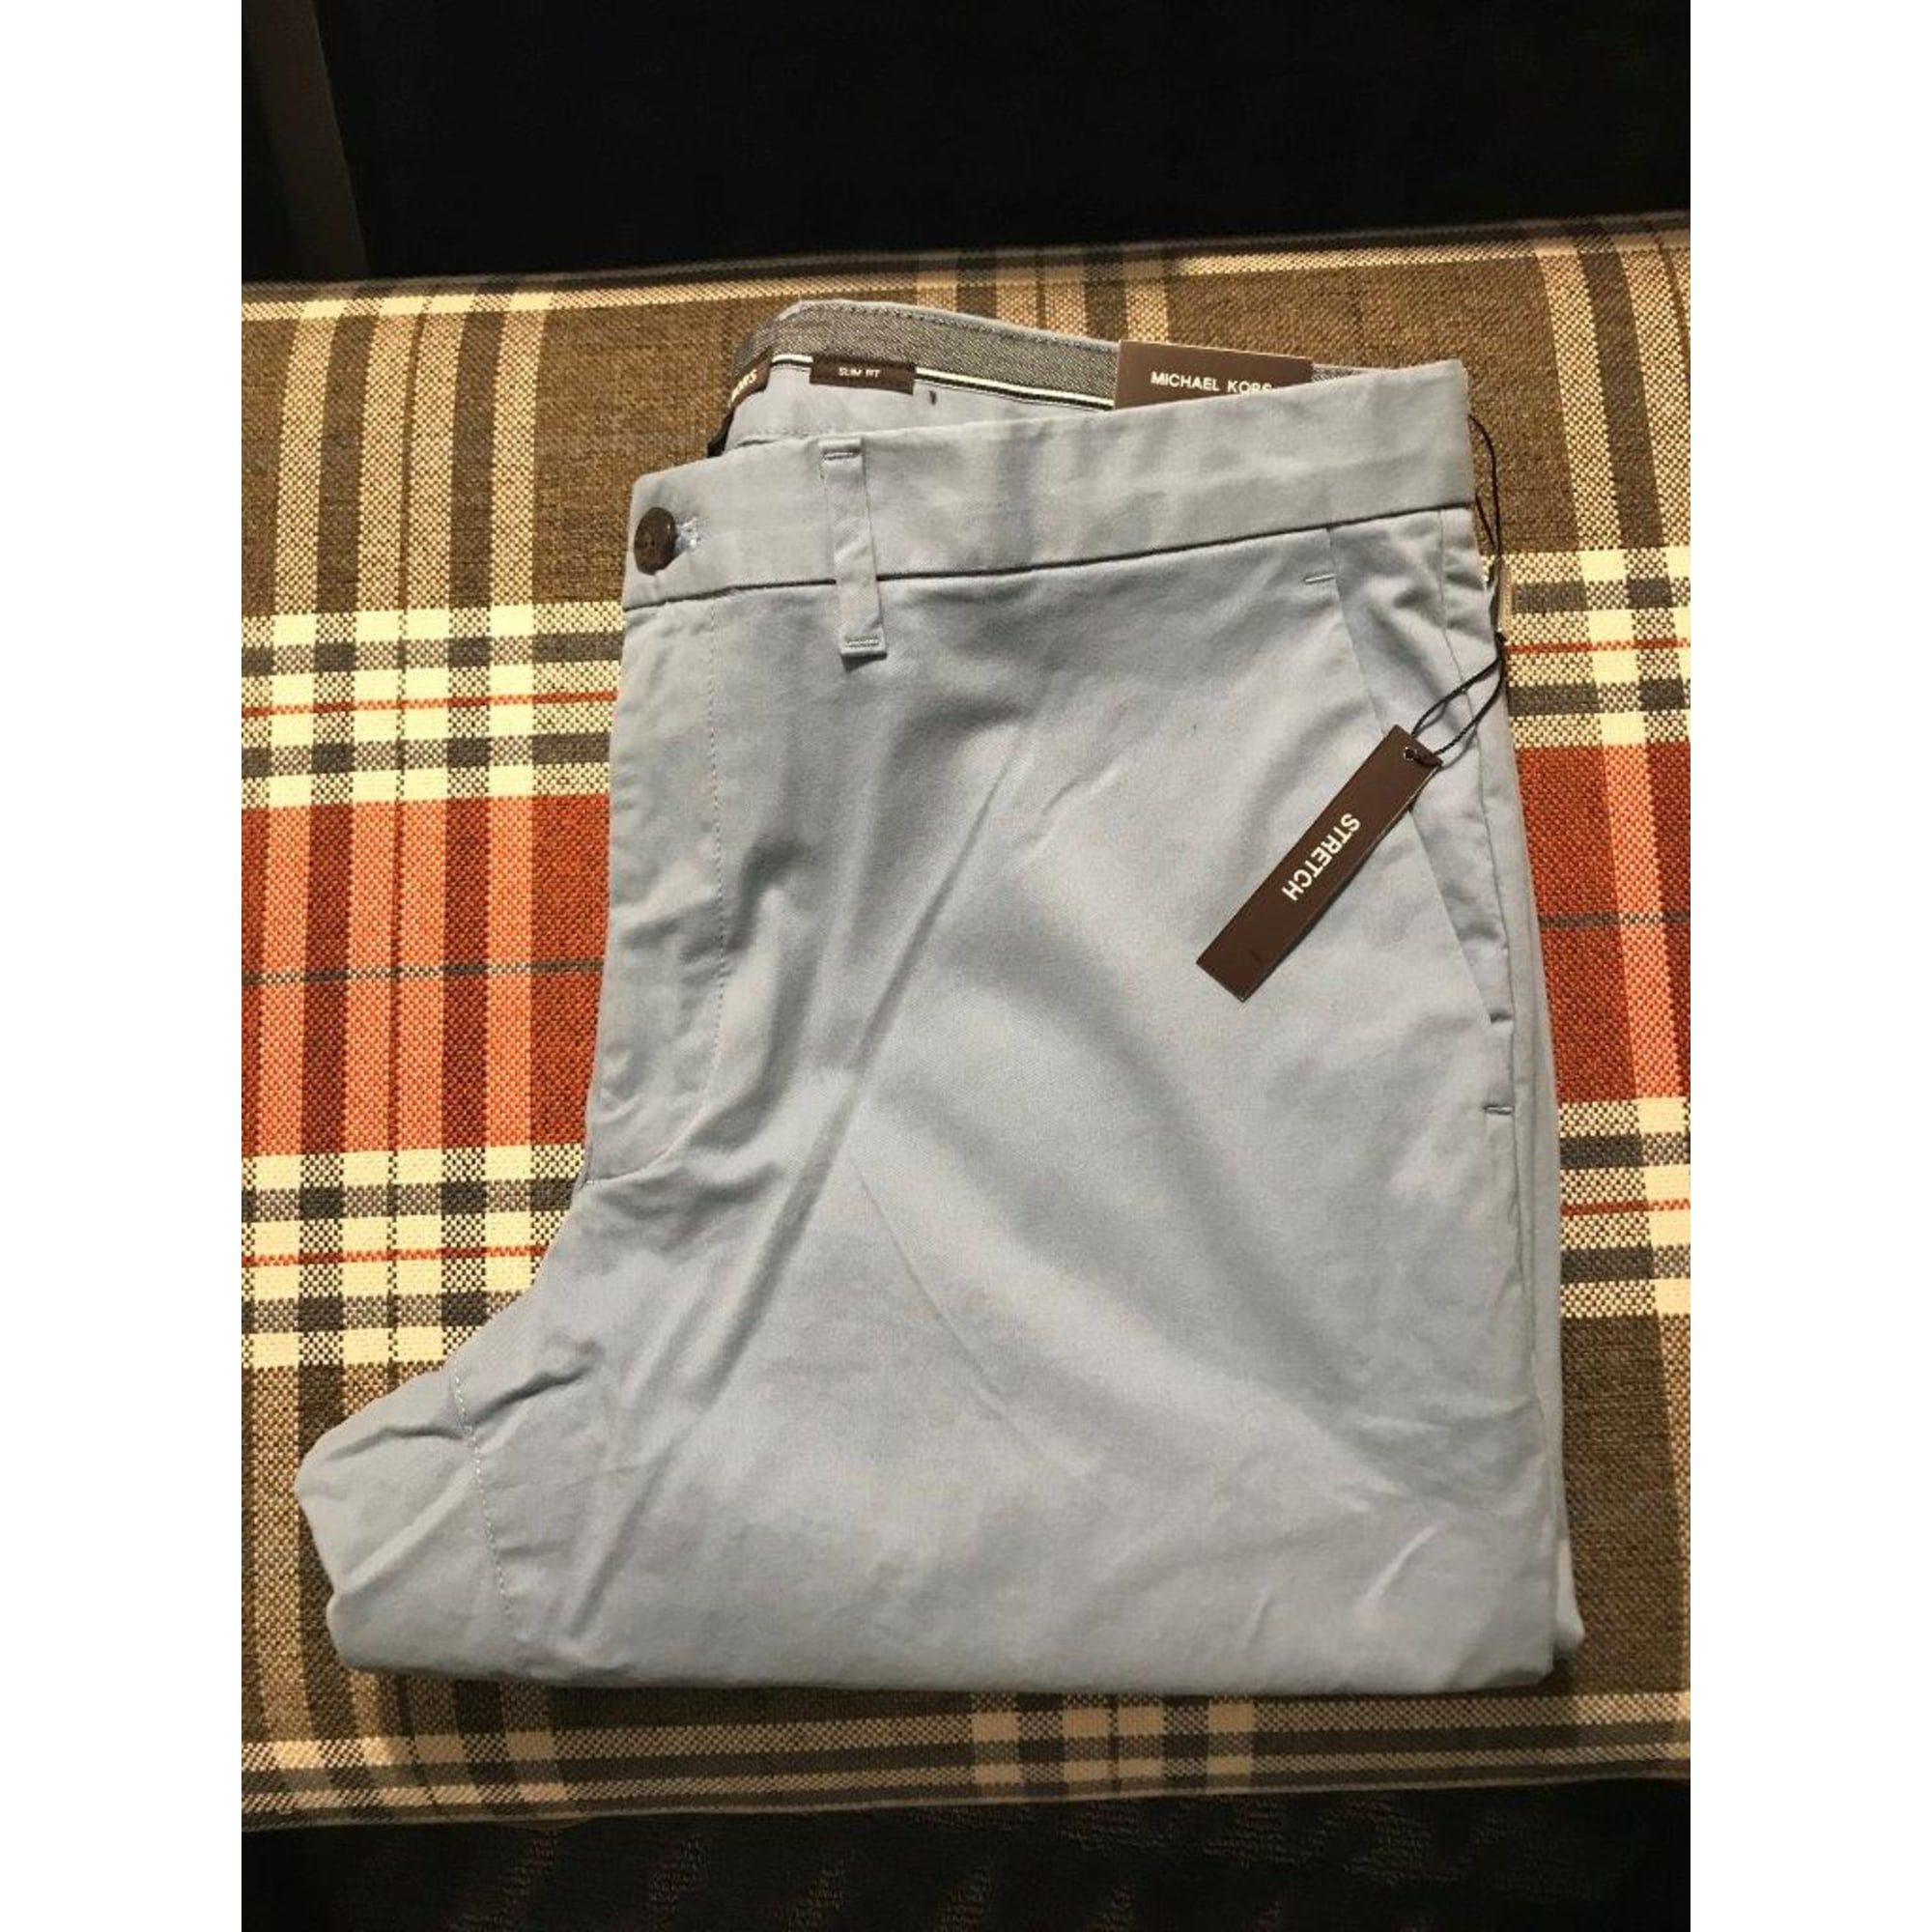 Pantalon slim MICHAEL KORS Bleu, bleu marine, bleu turquoise